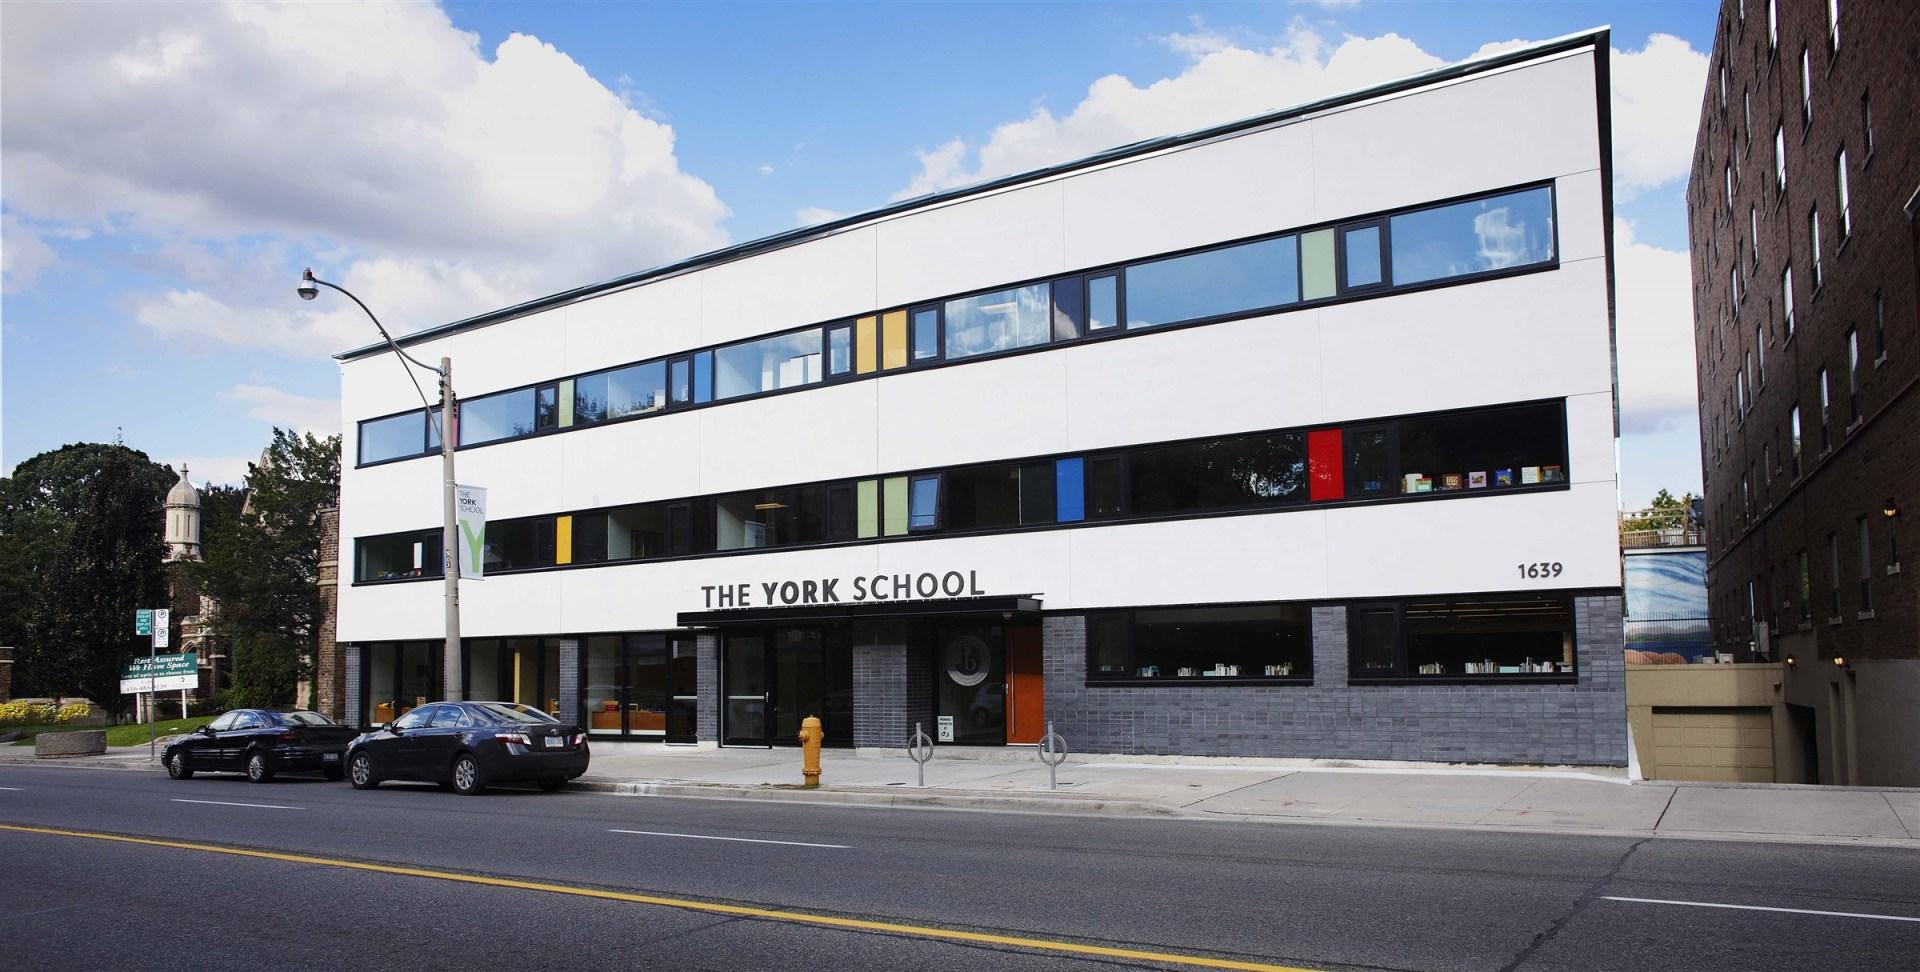 The_York_School.jpg - 354.22 kb